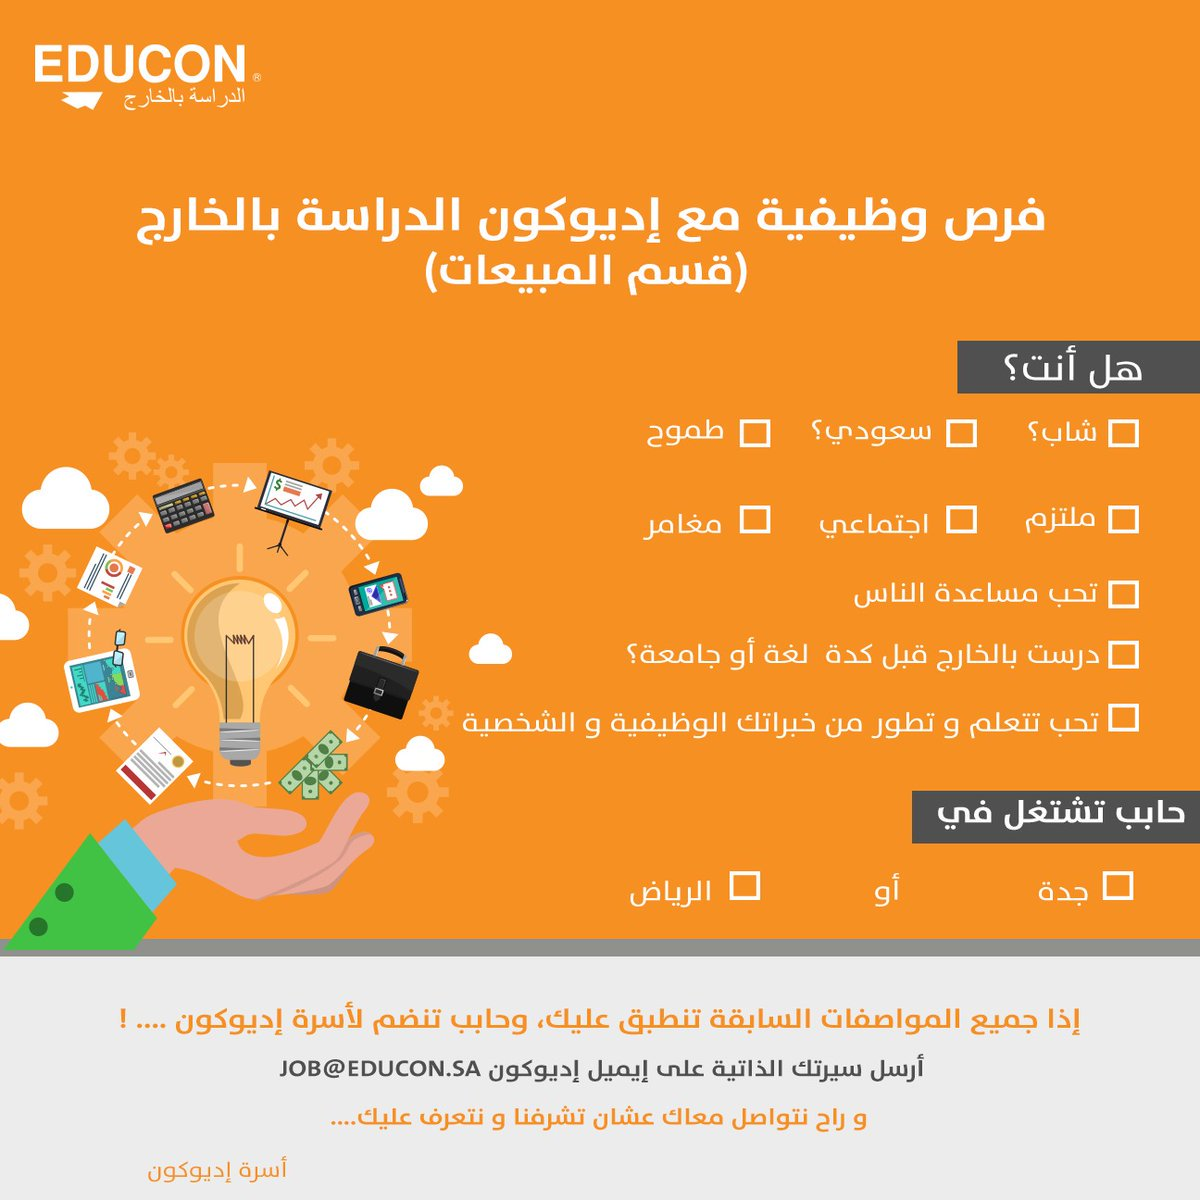 هل أنت شاب سعودي طموح ومغامر؟ وتهوى مساعدة الناس ودرست لغة أو جامعة بالخارج؟  فرصتك الأن لتصبح جزء من عائلة #إديوكون في قسم المبيعات #جدة #الرياض    أرسل سيرتك الذاتية على إيميل إديوكون JOB@EDUCON.SA  #CV #وظيفة #وظائف_الرياض #وظائف #الدراسة_بالخارج #إديوكون @EDUCON_